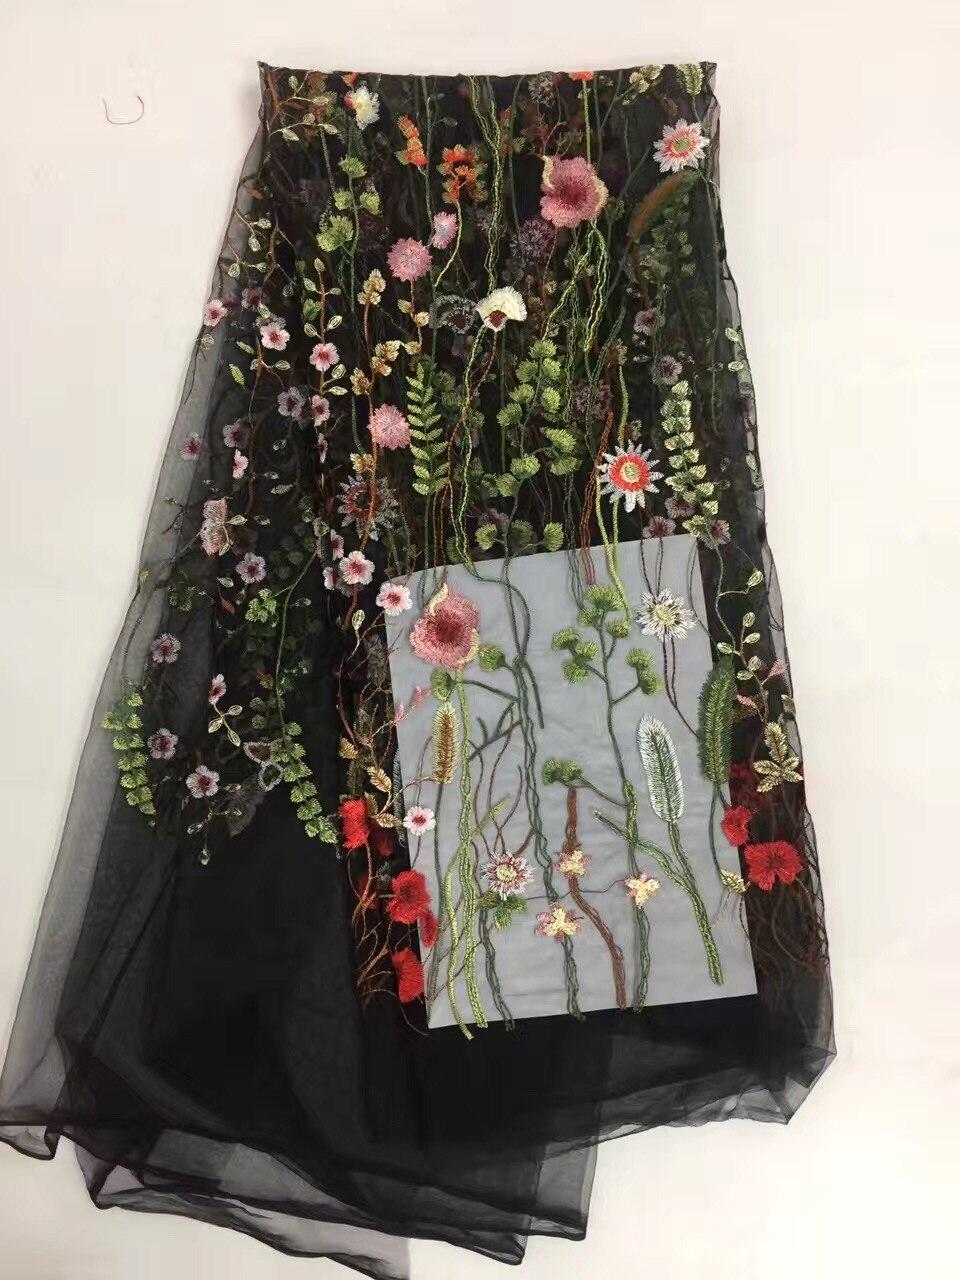 새로운 프랑스어 그물 레이스, 고품질 나이지리아 아프리카 명주 메쉬 레이스 직물 파티 웨딩 드레스 5 야드 / 많은 RLW02